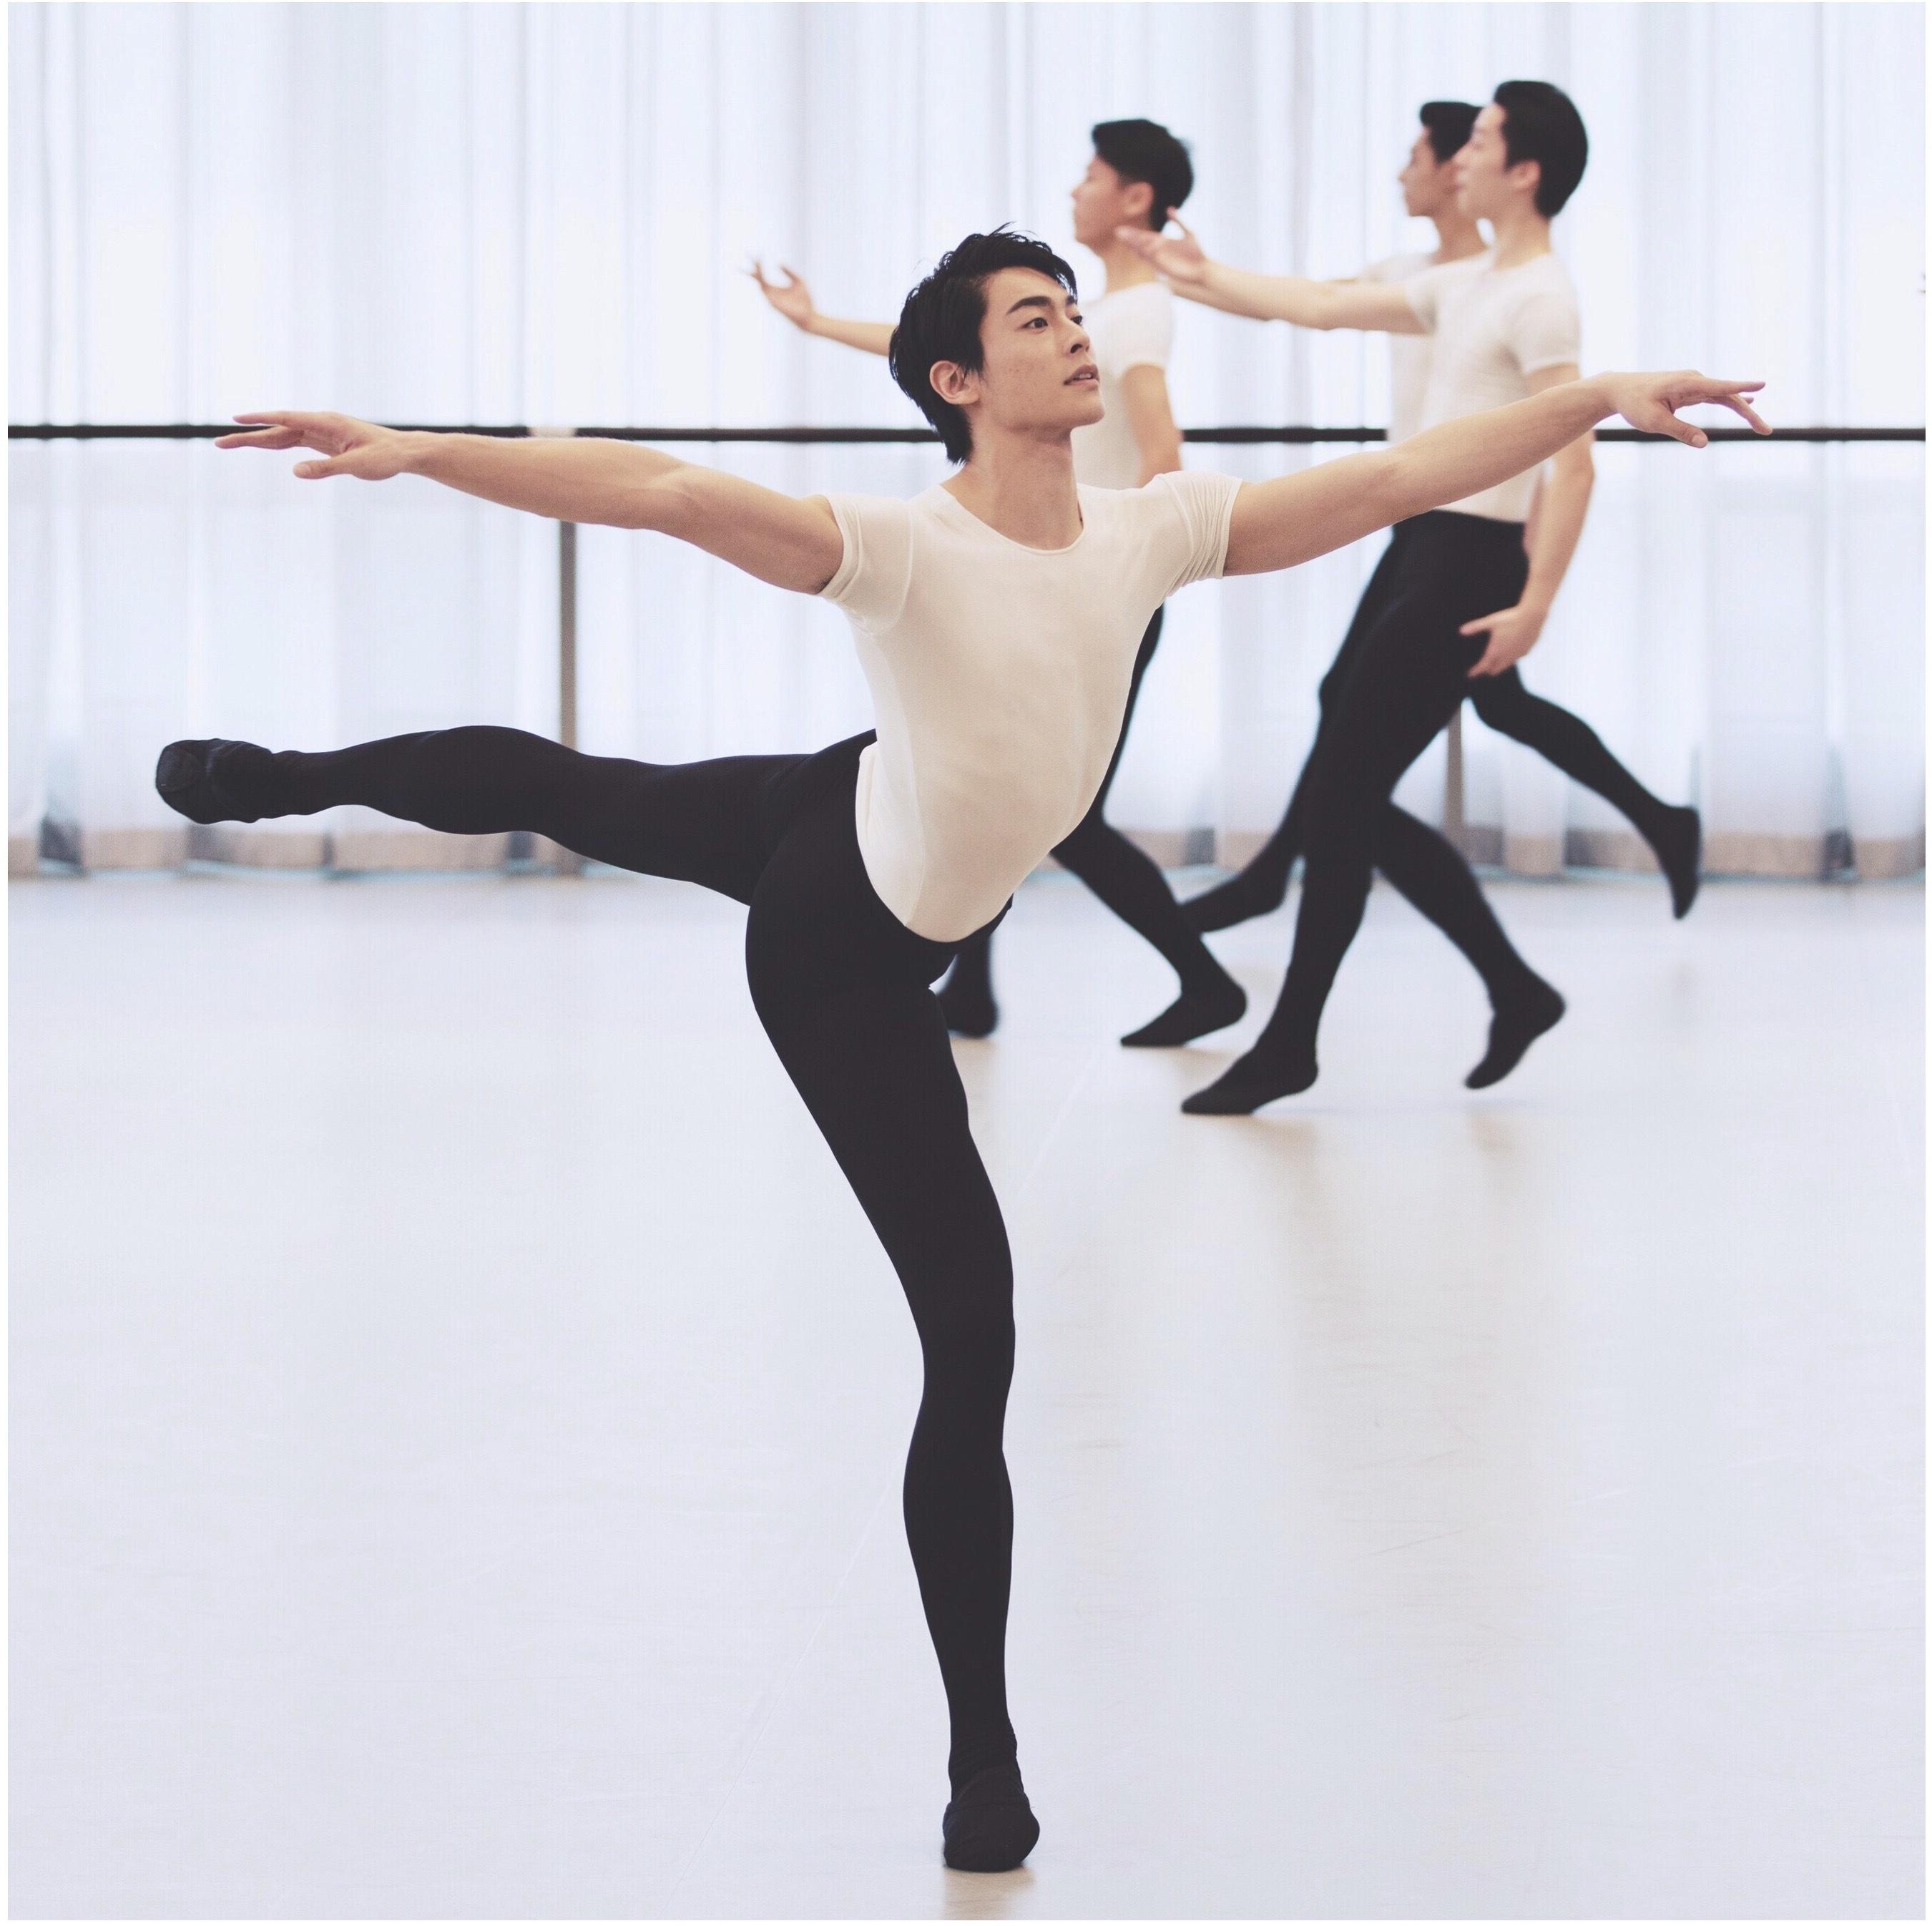 王佳俊(ワン・ジヤジュン)